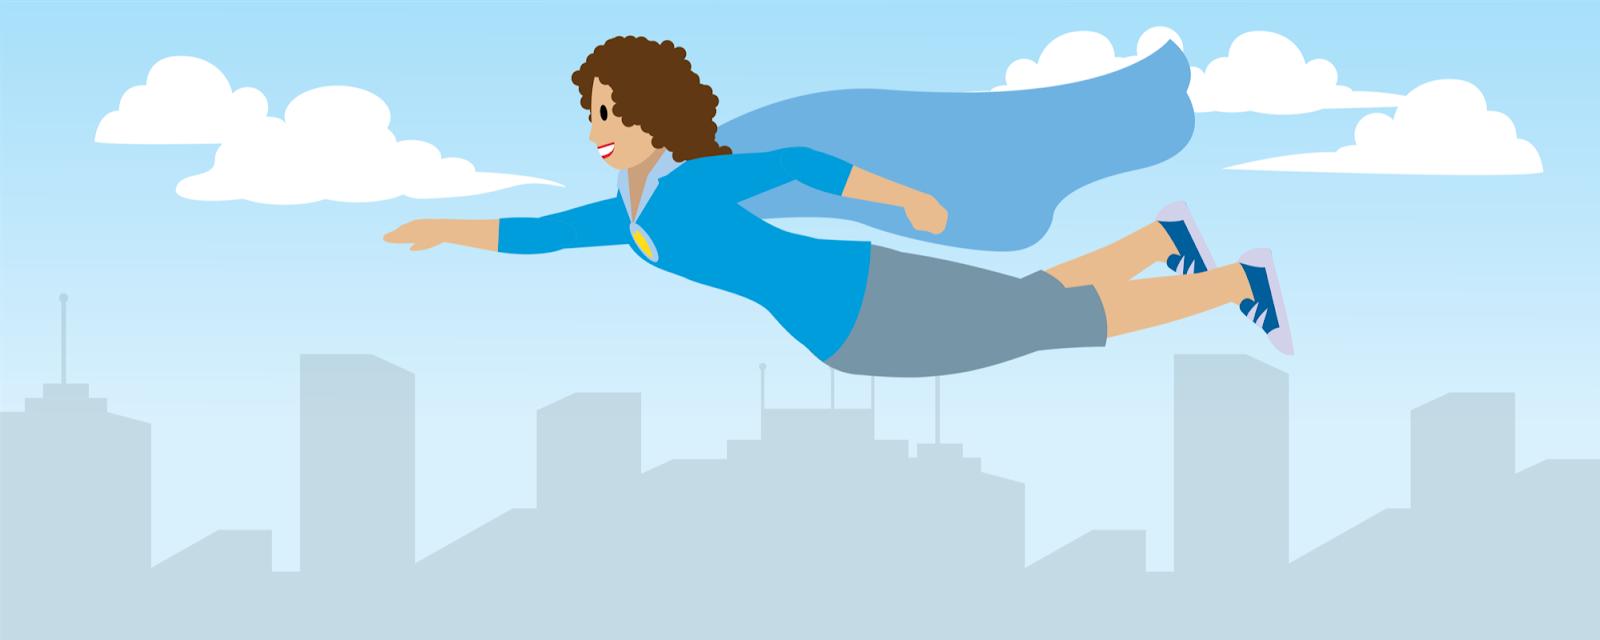 マントを身に付けた女性が都市の上空を飛んでいる図。